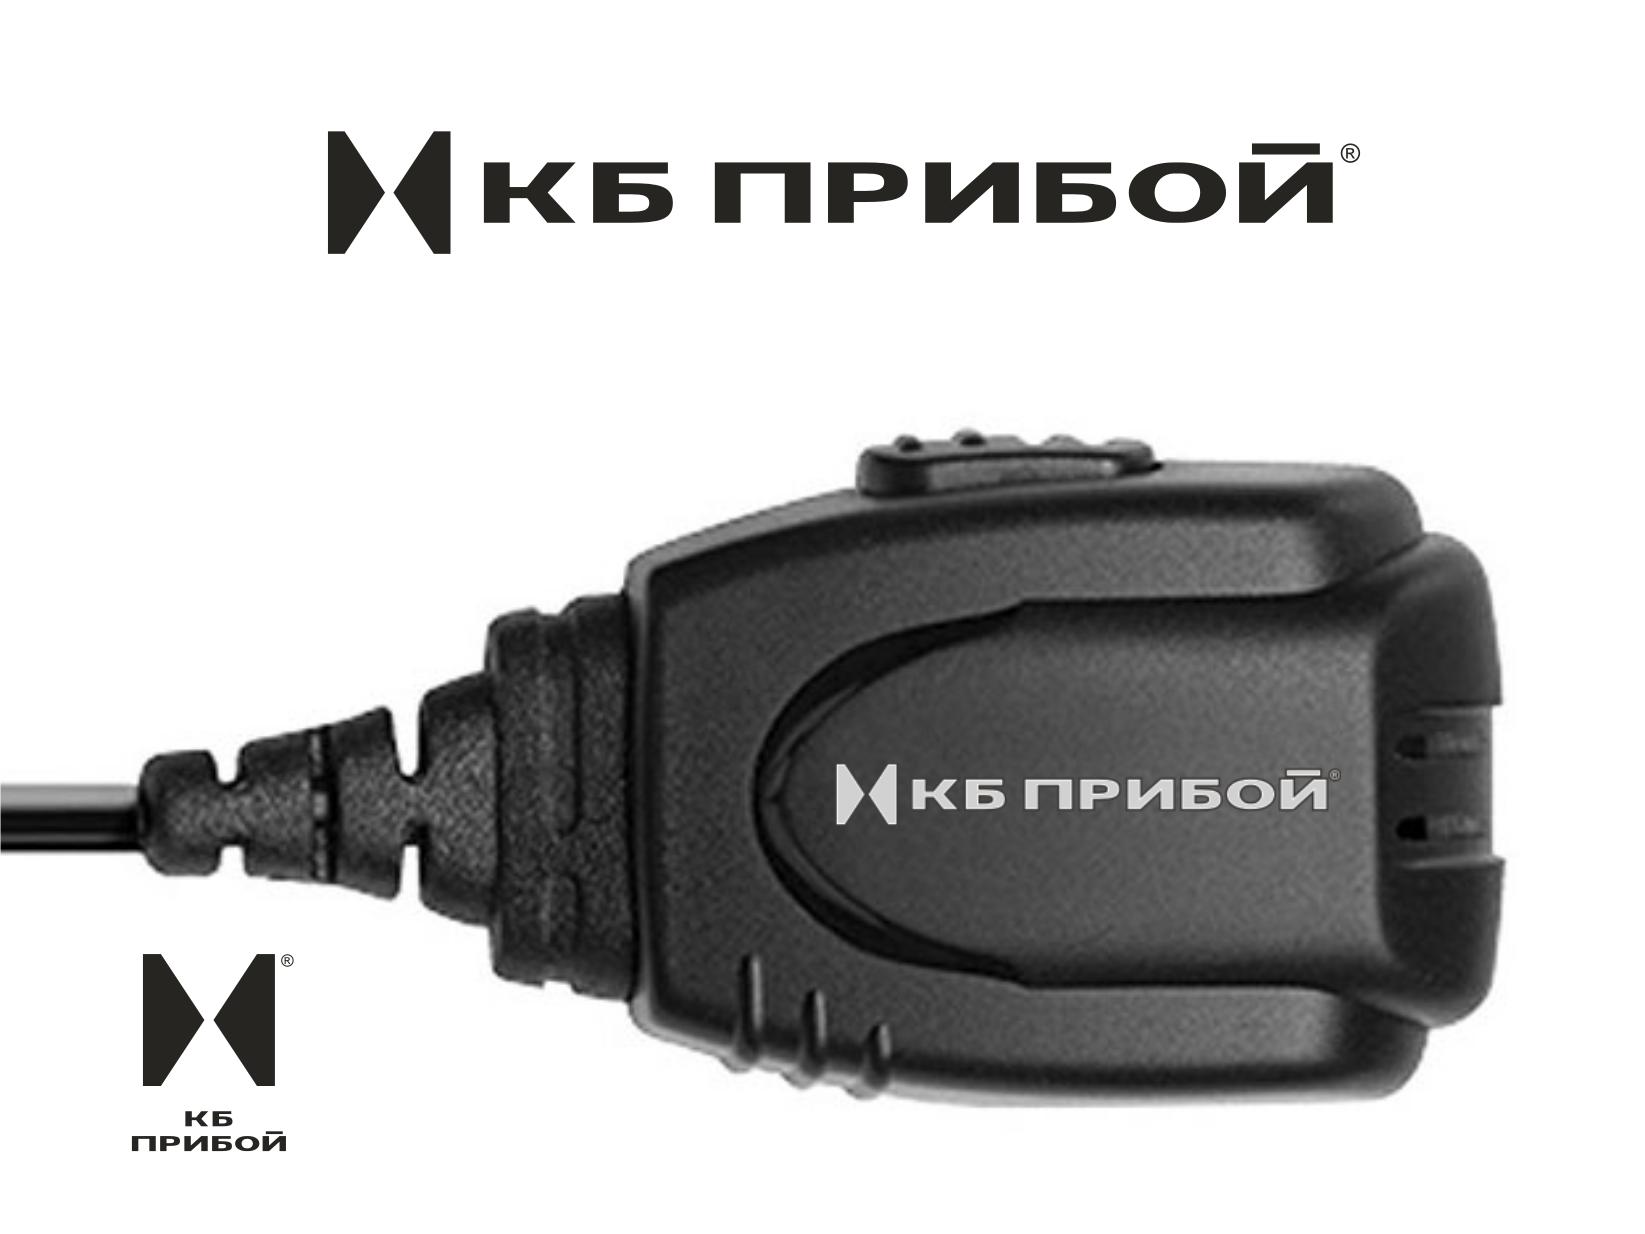 Разработка логотипа и фирменного стиля для КБ Прибой фото f_9575b23e638a835f.png